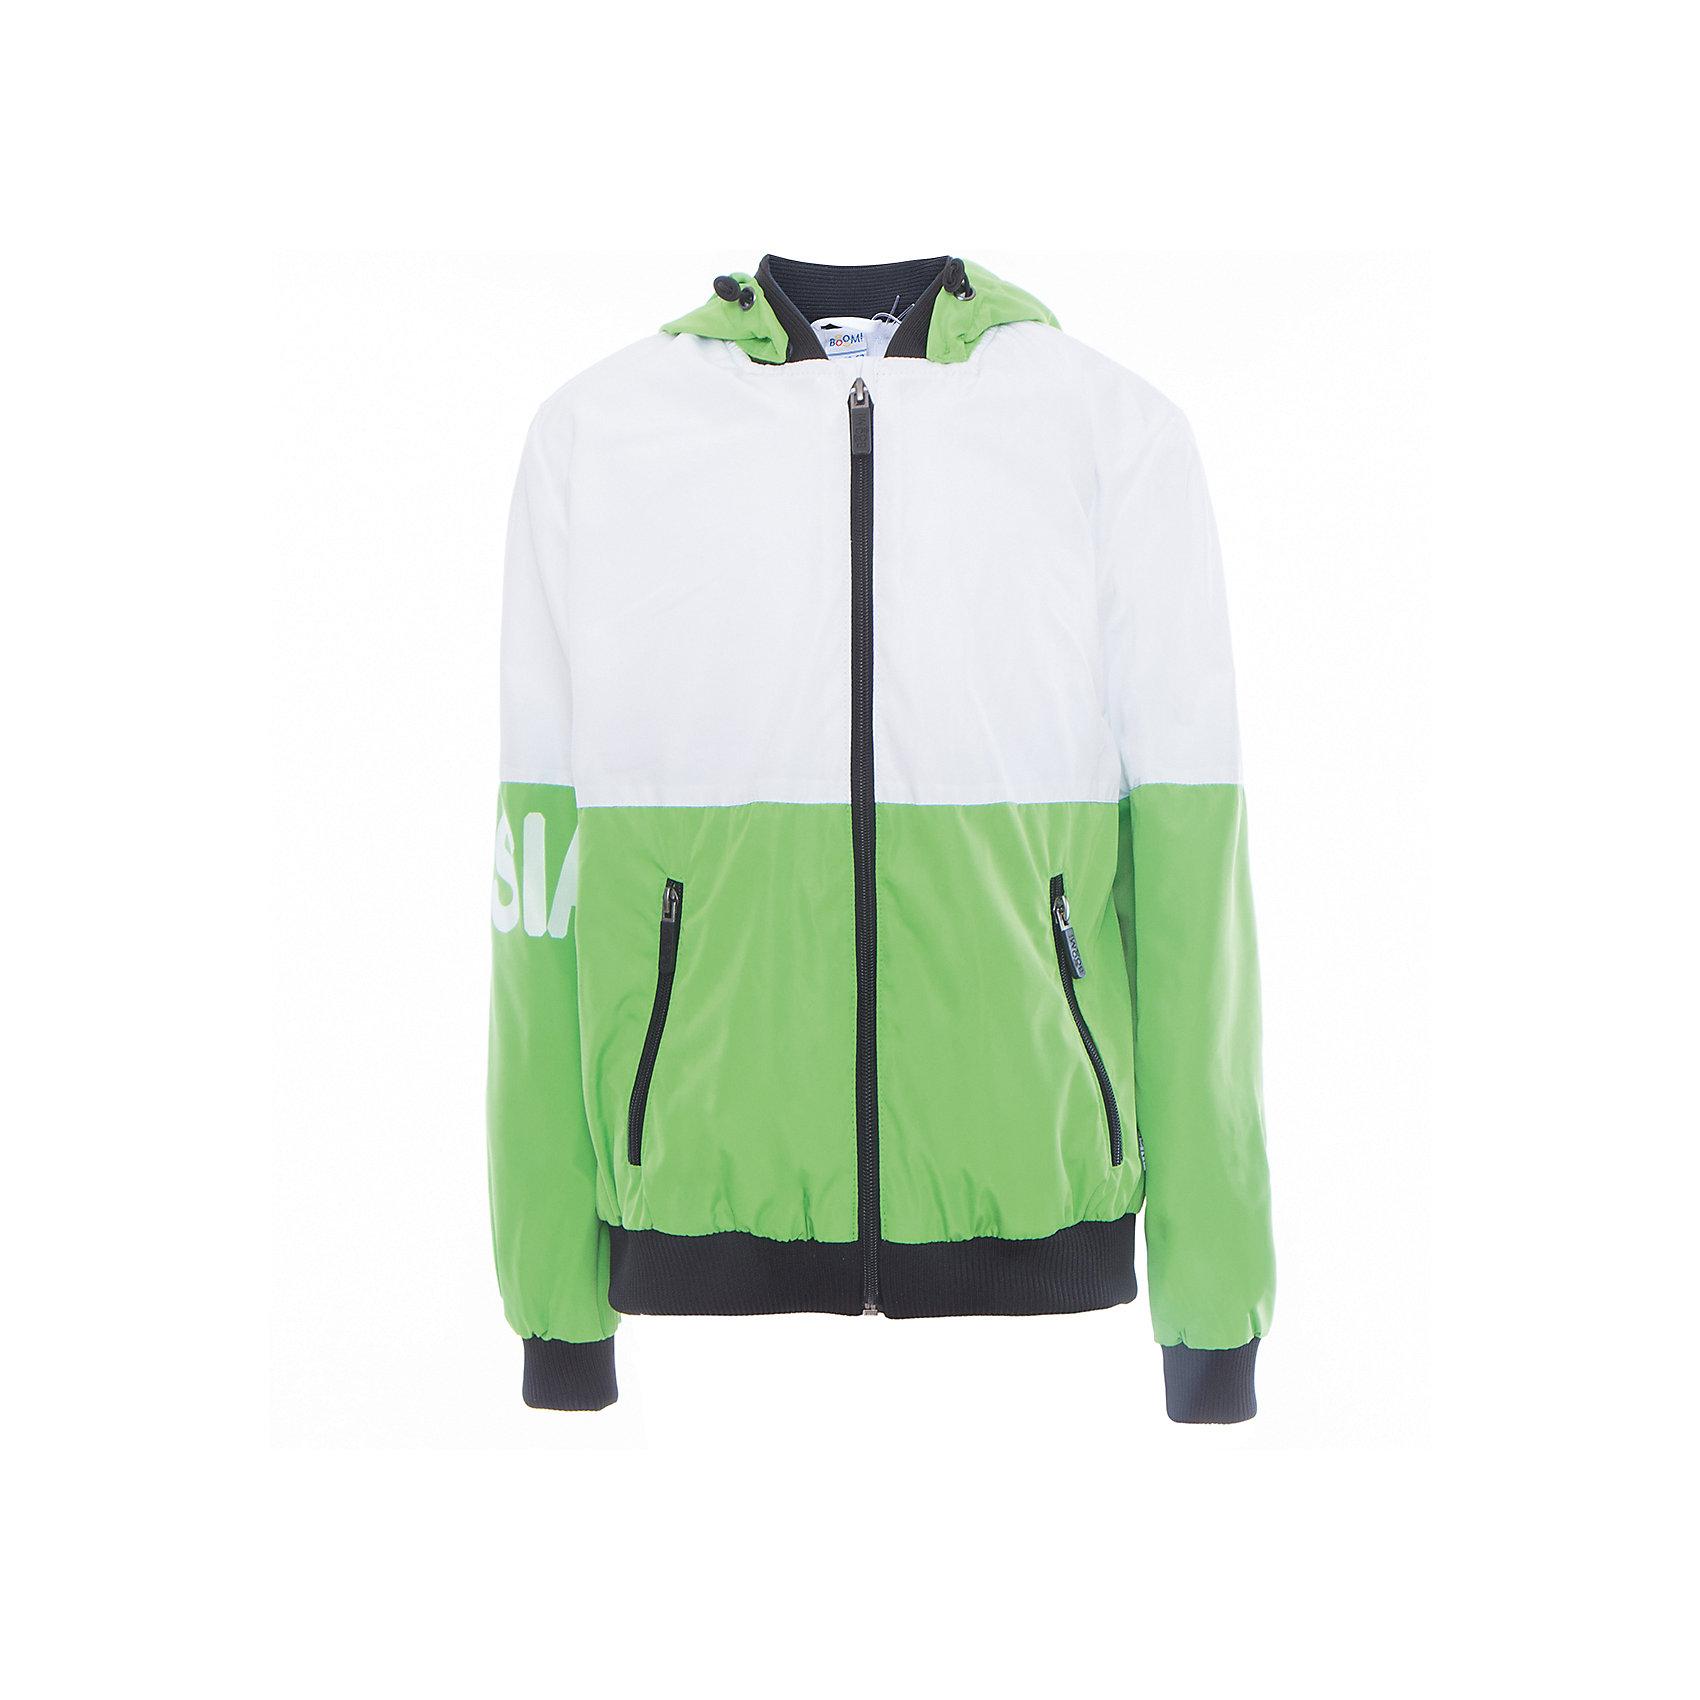 Куртка для мальчика BOOM by OrbyВерхняя одежда<br>Характеристики товара:<br><br>• цвет: зелёный<br>• состав: верх - Pronto pu, подкладка - полиэстер, флис, без утеплителя<br>• температурный режим: от +5°до +15°С<br>• демисезон<br>• капюшон<br>• застежка - молния<br>• эластичные манжеты<br>• принт<br>• карманы<br>• комфортная посадка<br>• страна производства: Российская Федерация<br>• страна бренда: Российская Федерация<br>• коллекция: весна-лето 2017<br><br>Такая куртка - универсальный вариант для теплого межсезонья с постоянно меняющейся погодой. Эта модель - модная и удобная одновременно! Изделие отличается стильным ярким дизайном. Куртка хорошо сидит по фигуре, отлично сочетается с различным низом. Вещь была разработана специально для детей.<br><br>Куртку для мальчика для девочки от бренда BOOM by Orby можно купить в нашем интернет-магазине.<br><br>Ширина мм: 356<br>Глубина мм: 10<br>Высота мм: 245<br>Вес г: 519<br>Цвет: зеленый<br>Возраст от месяцев: 144<br>Возраст до месяцев: 156<br>Пол: Мужской<br>Возраст: Детский<br>Размер: 158,104,110,98,116,122,128,134,140,146,152<br>SKU: 5342898